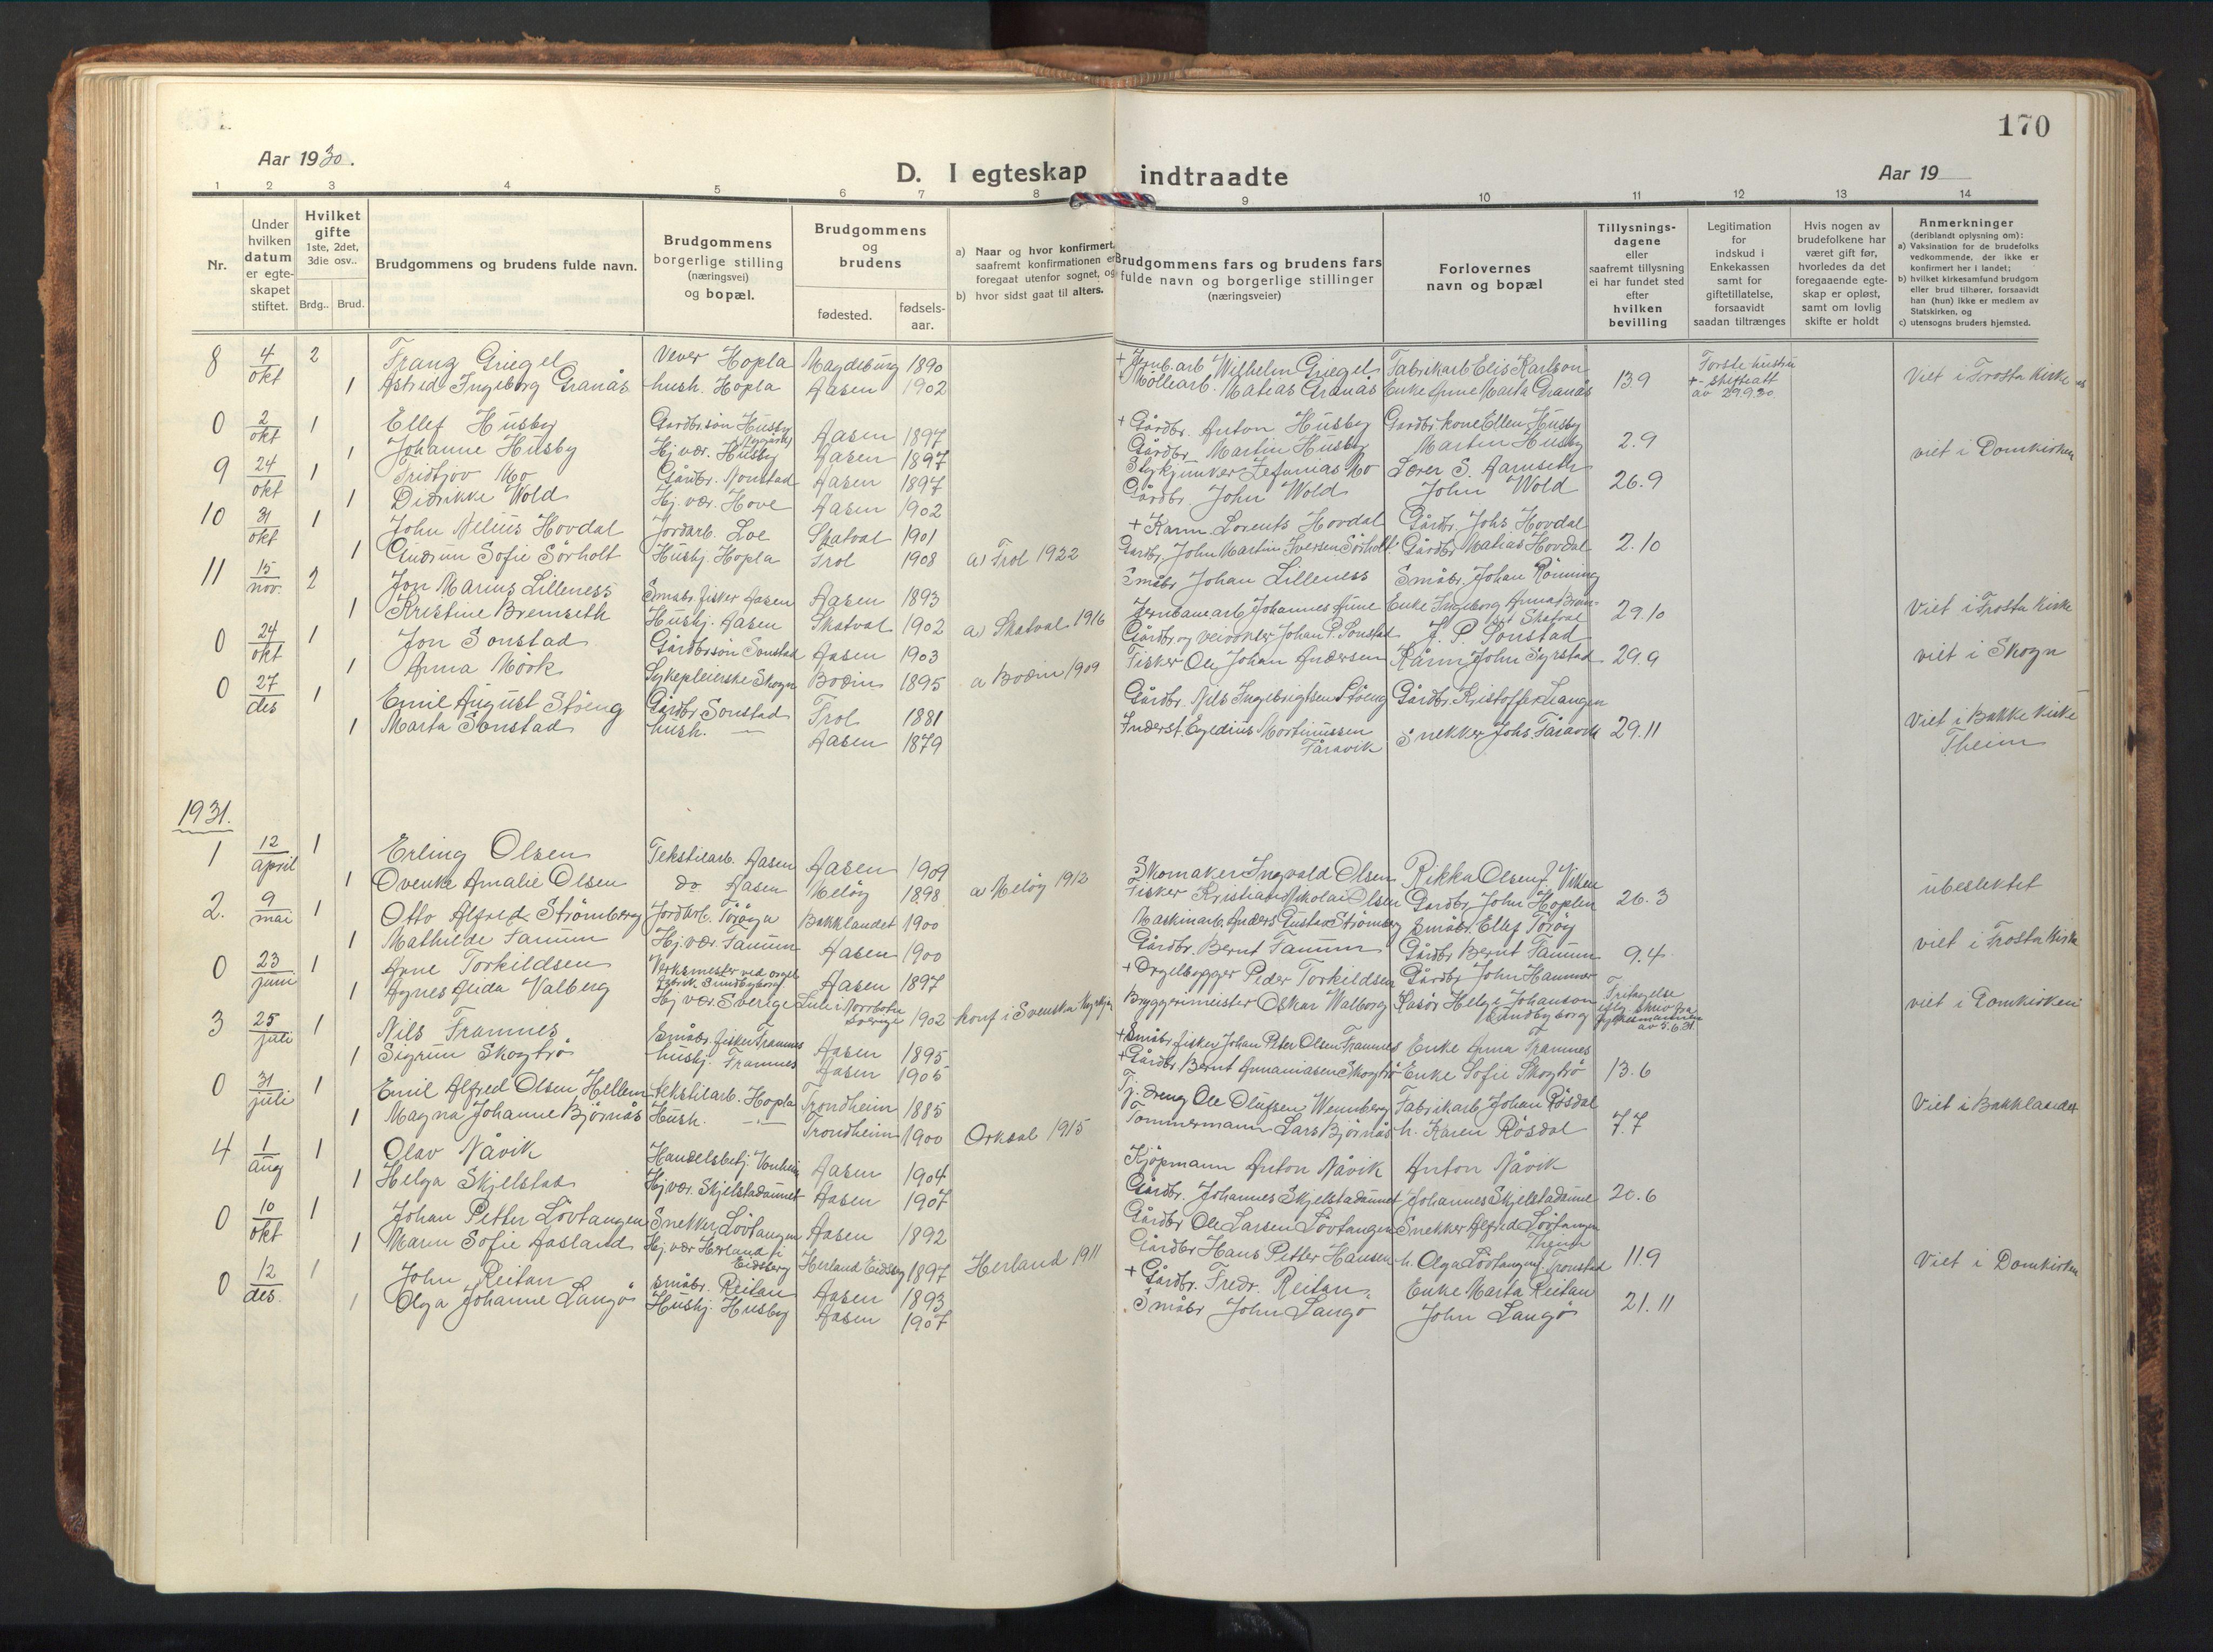 SAT, Ministerialprotokoller, klokkerbøker og fødselsregistre - Nord-Trøndelag, 714/L0136: Klokkerbok nr. 714C05, 1918-1957, s. 170